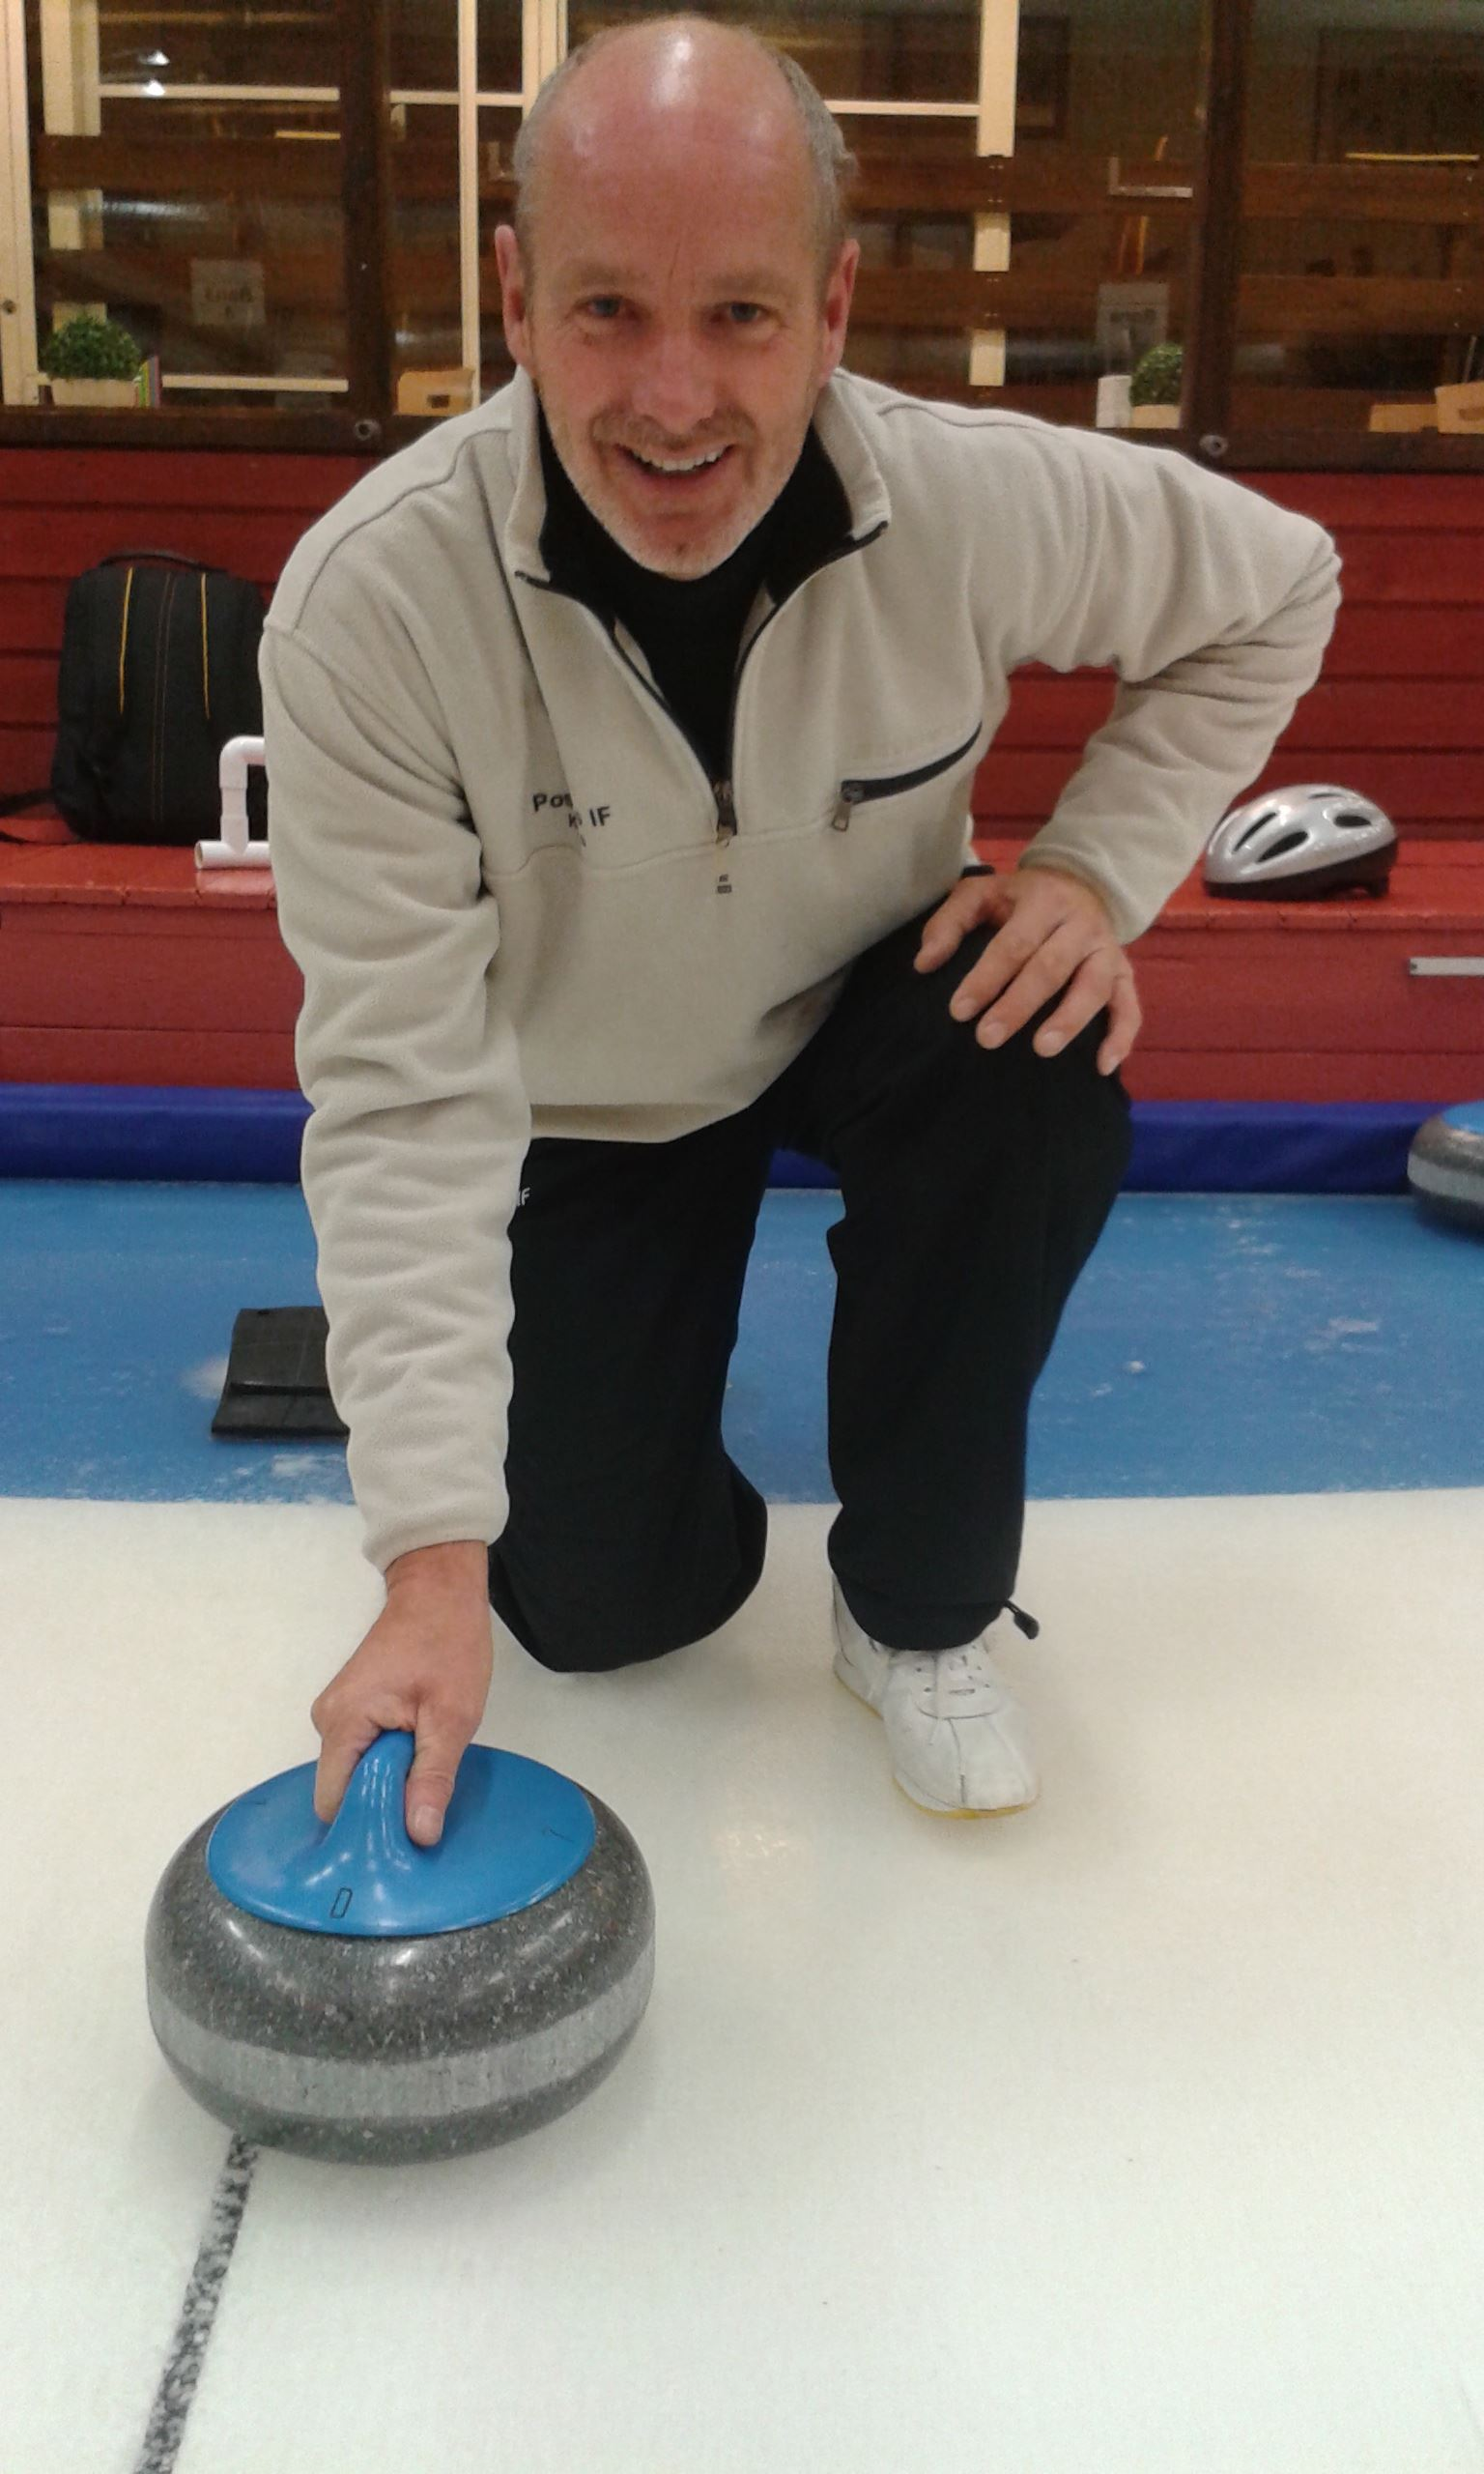 Curling på hal is